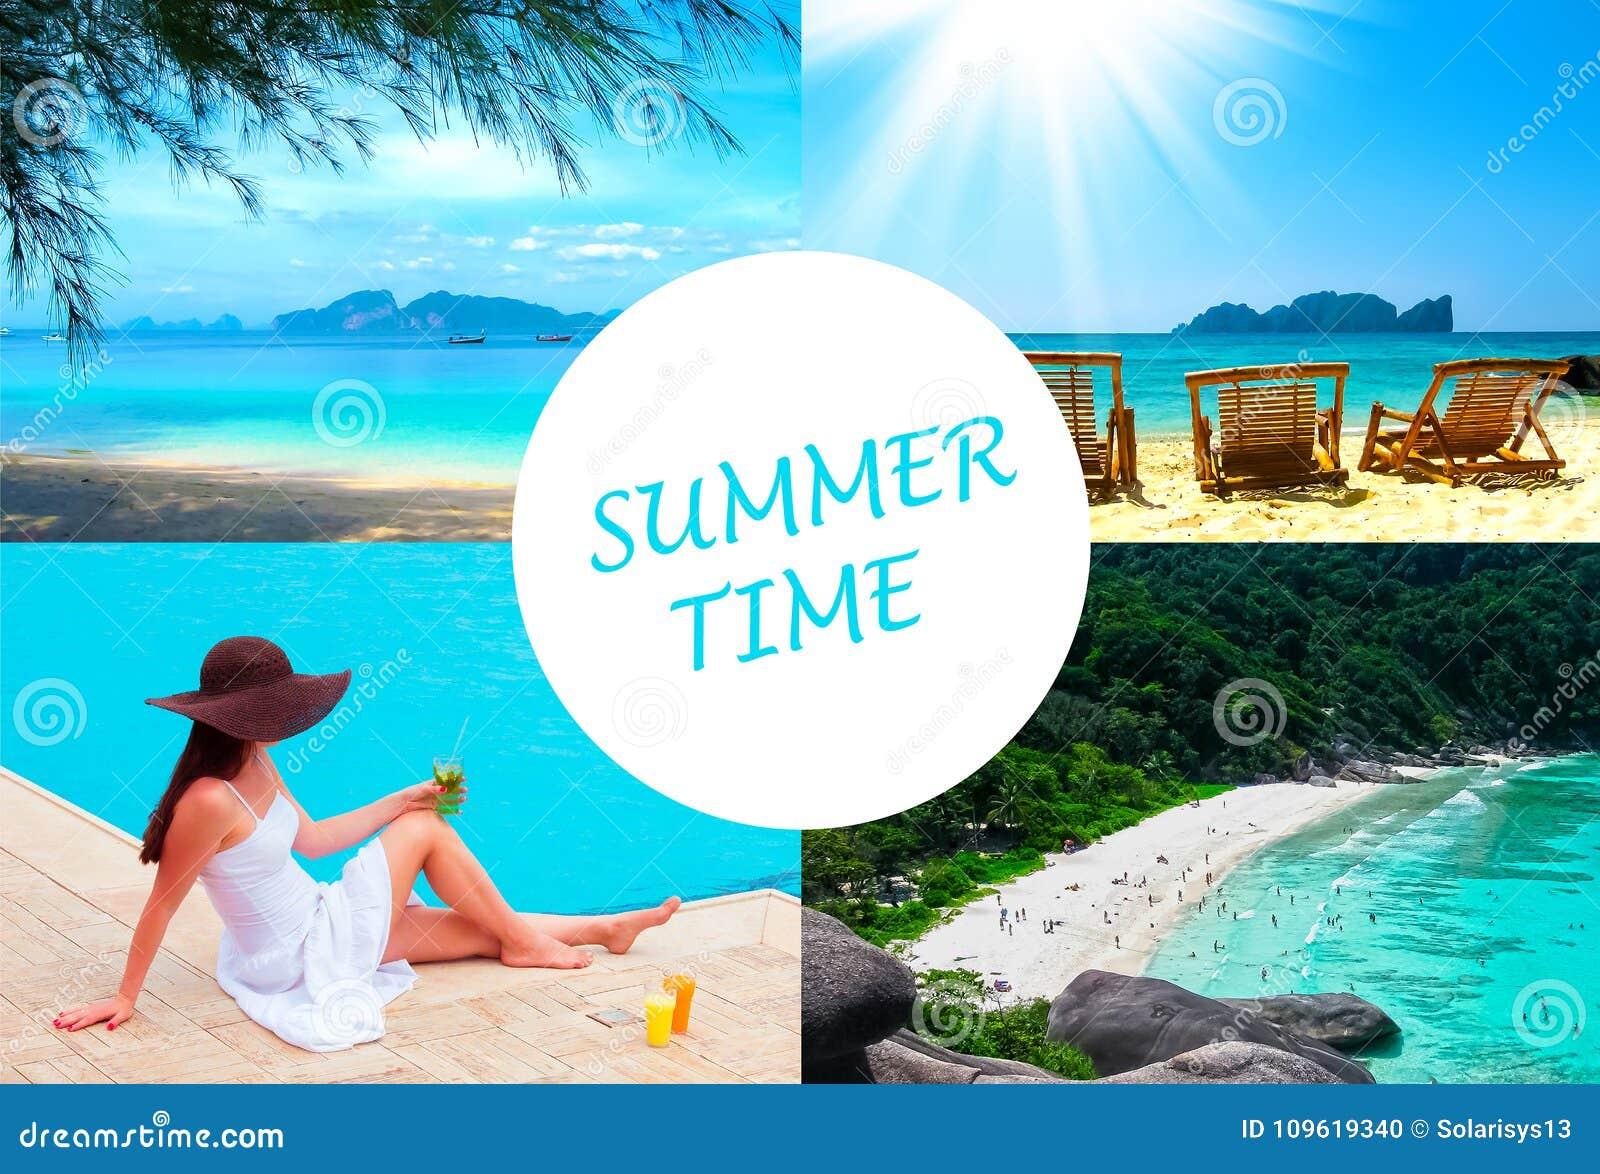 Le temps de vacances, été, plage, voyage, vacances, concept de mer